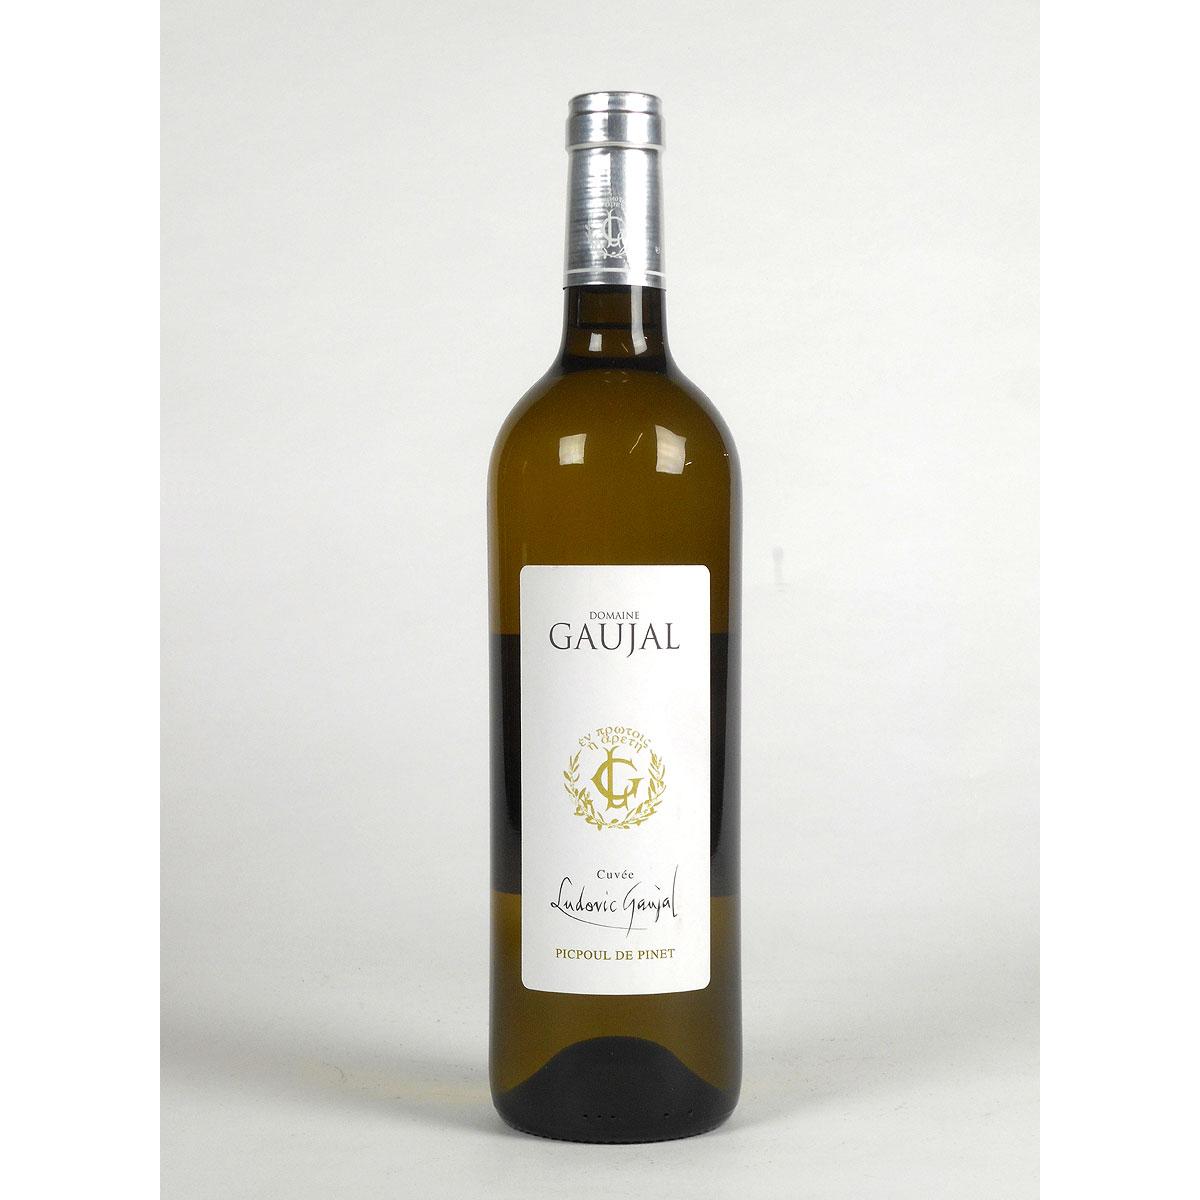 Picpoul de Pinet: Domaine Gaujal 2019 - Wine Bottle